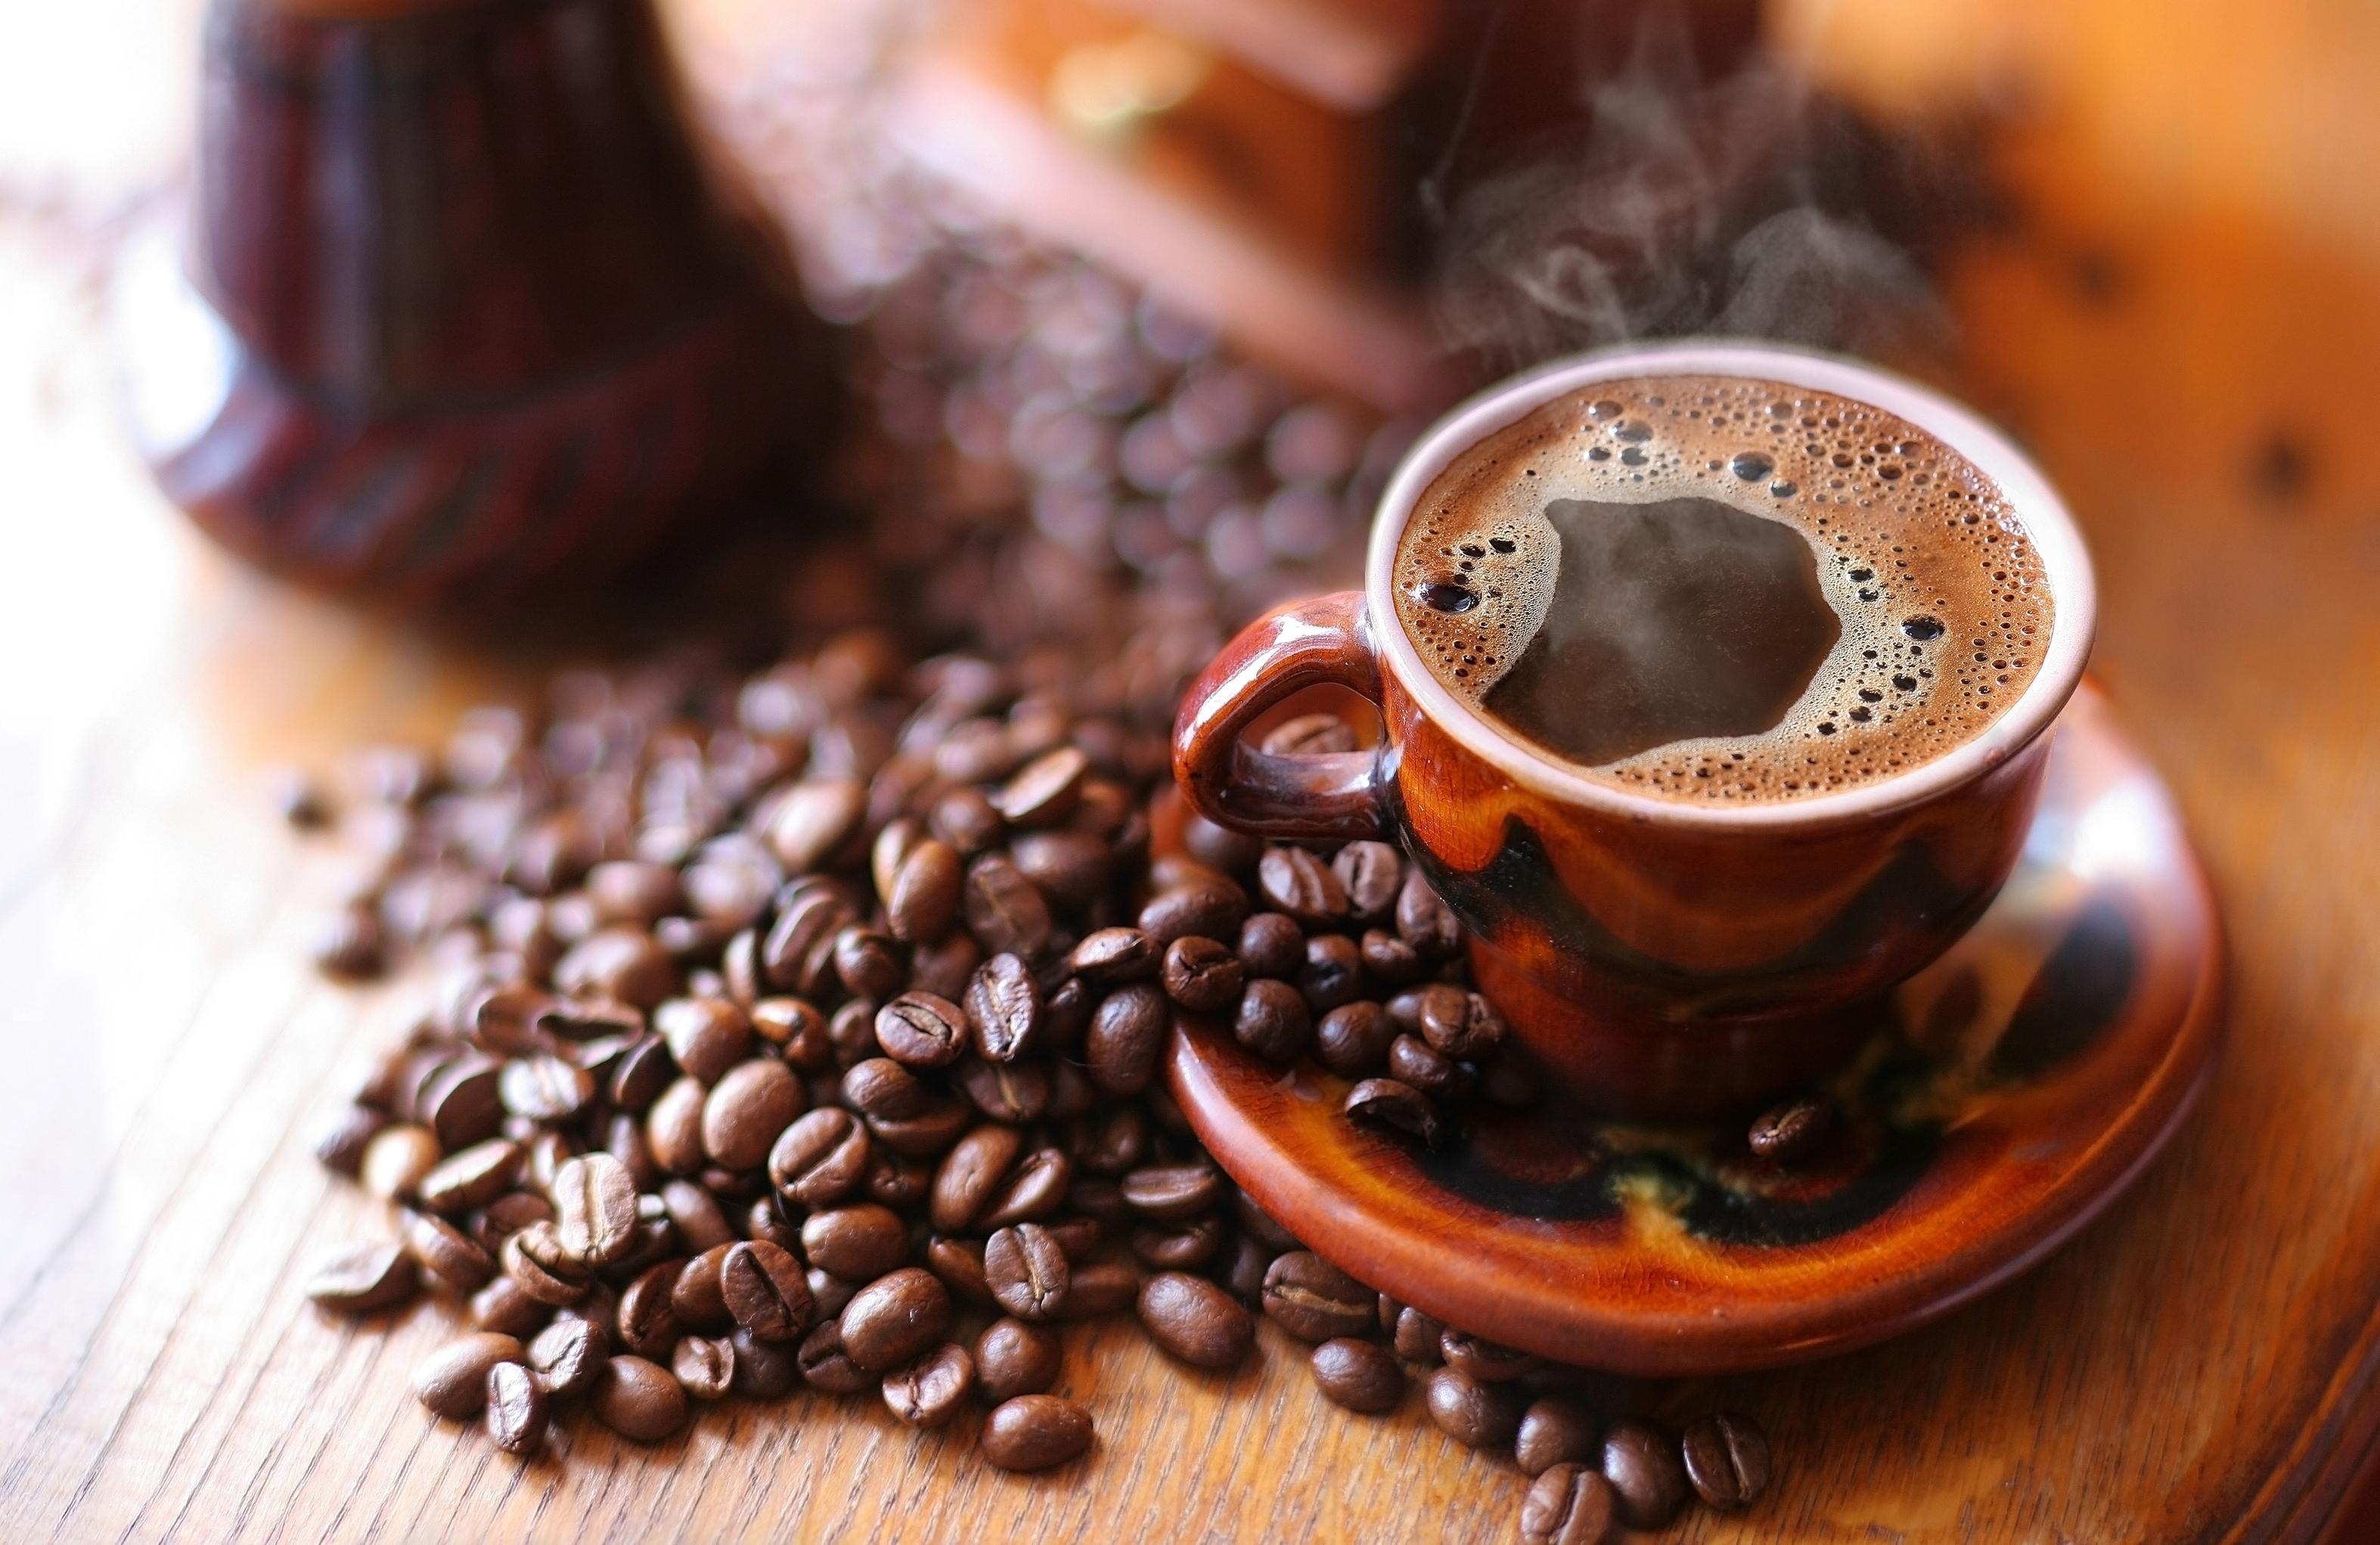 19 тонн кофе приехали вУсть-Лугу с неверными документами